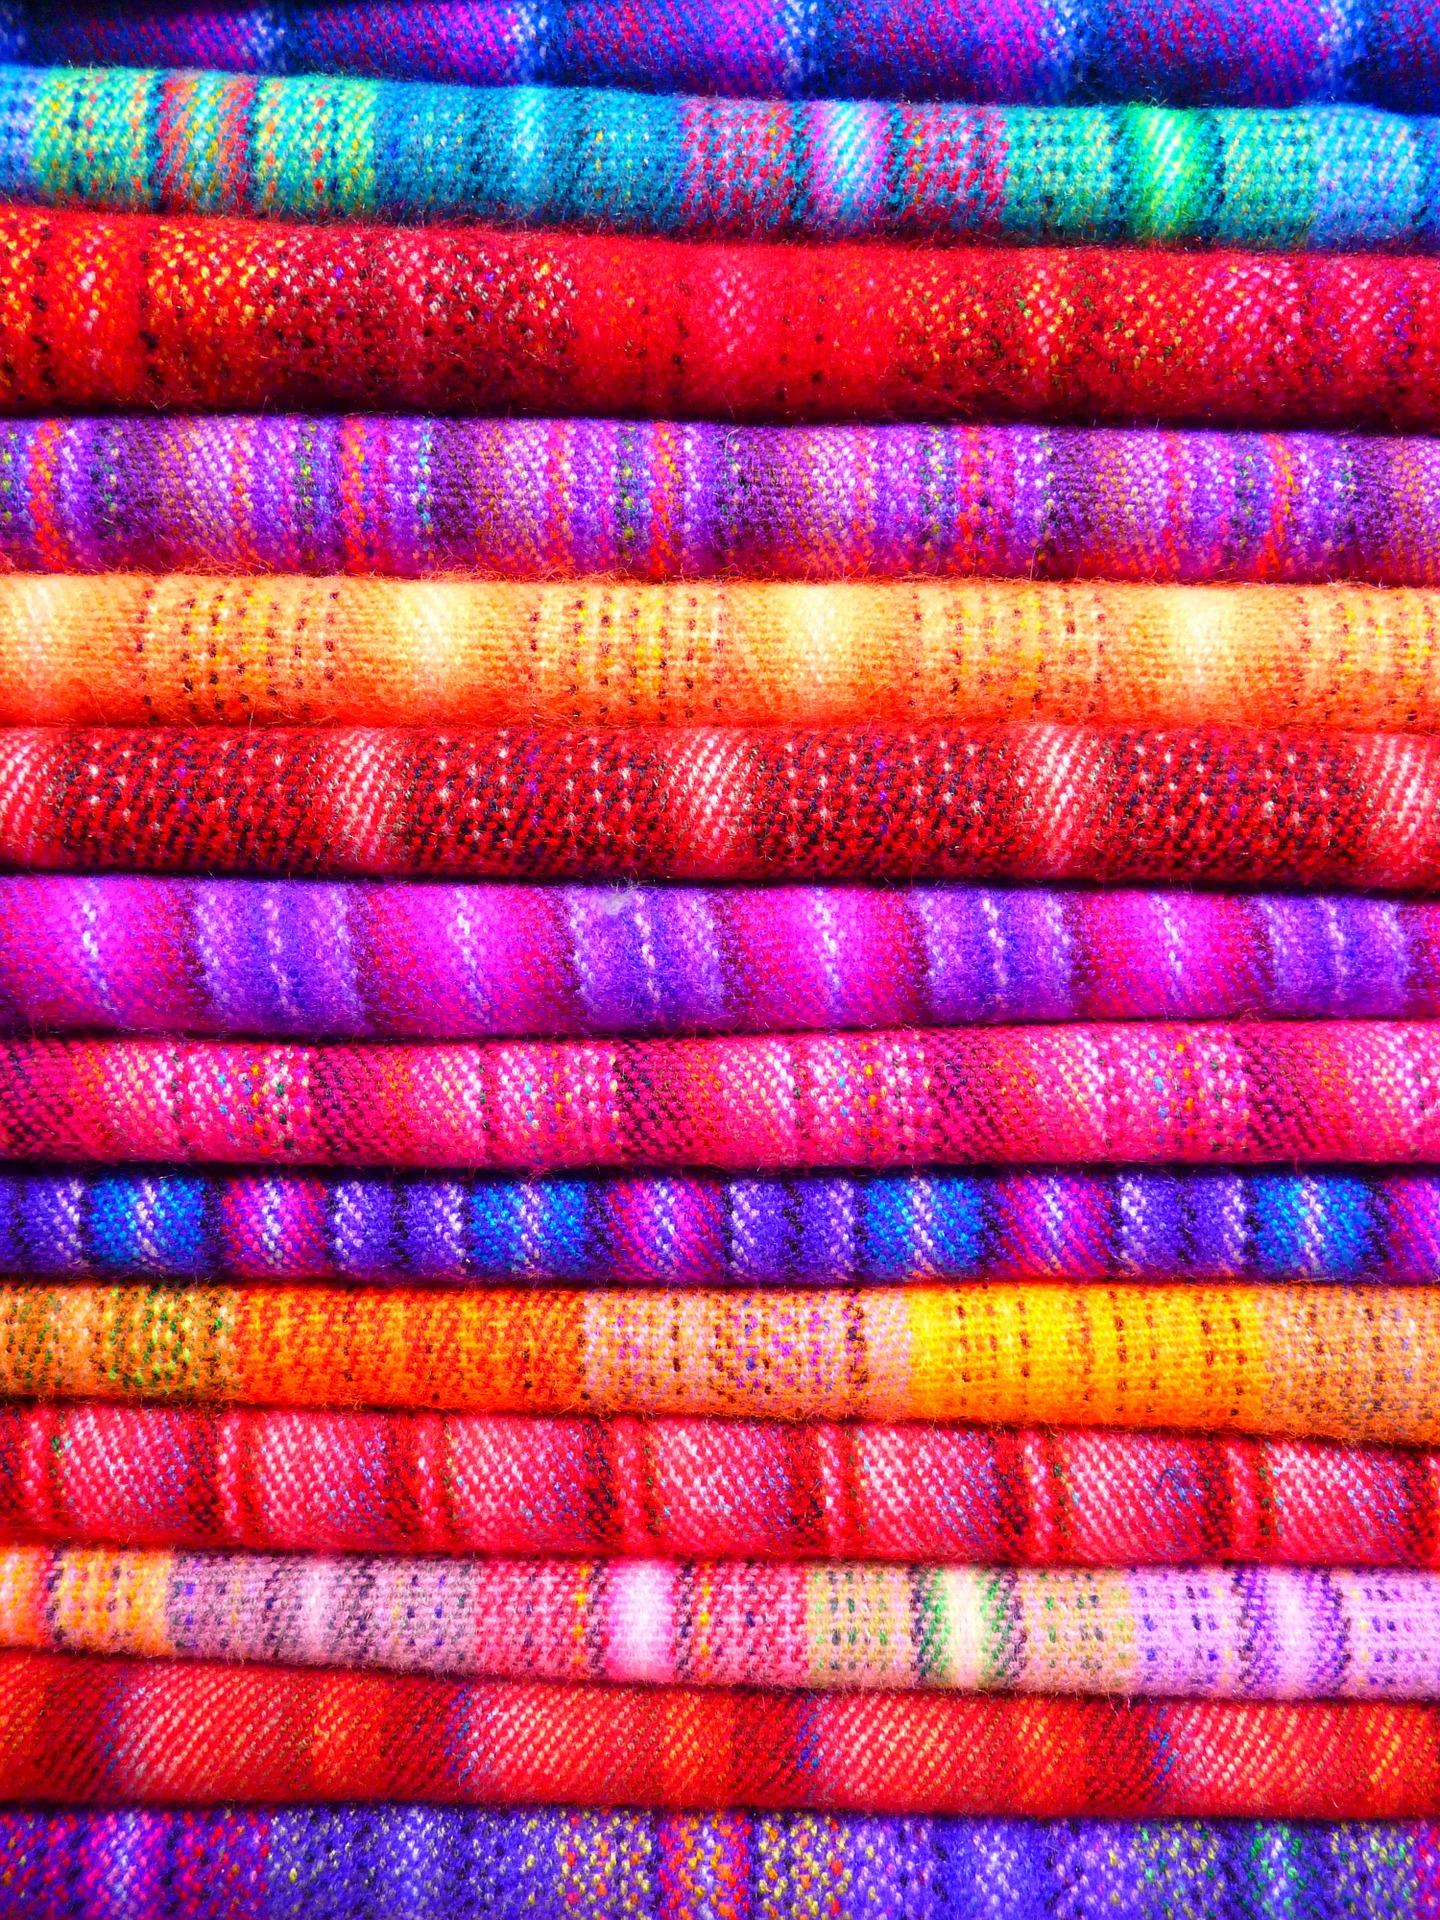 υφάσματα, χρώματα, βαμμένα, είδη ένδυσης, σύνολα - Wallpapers HD - Professor-falken.com